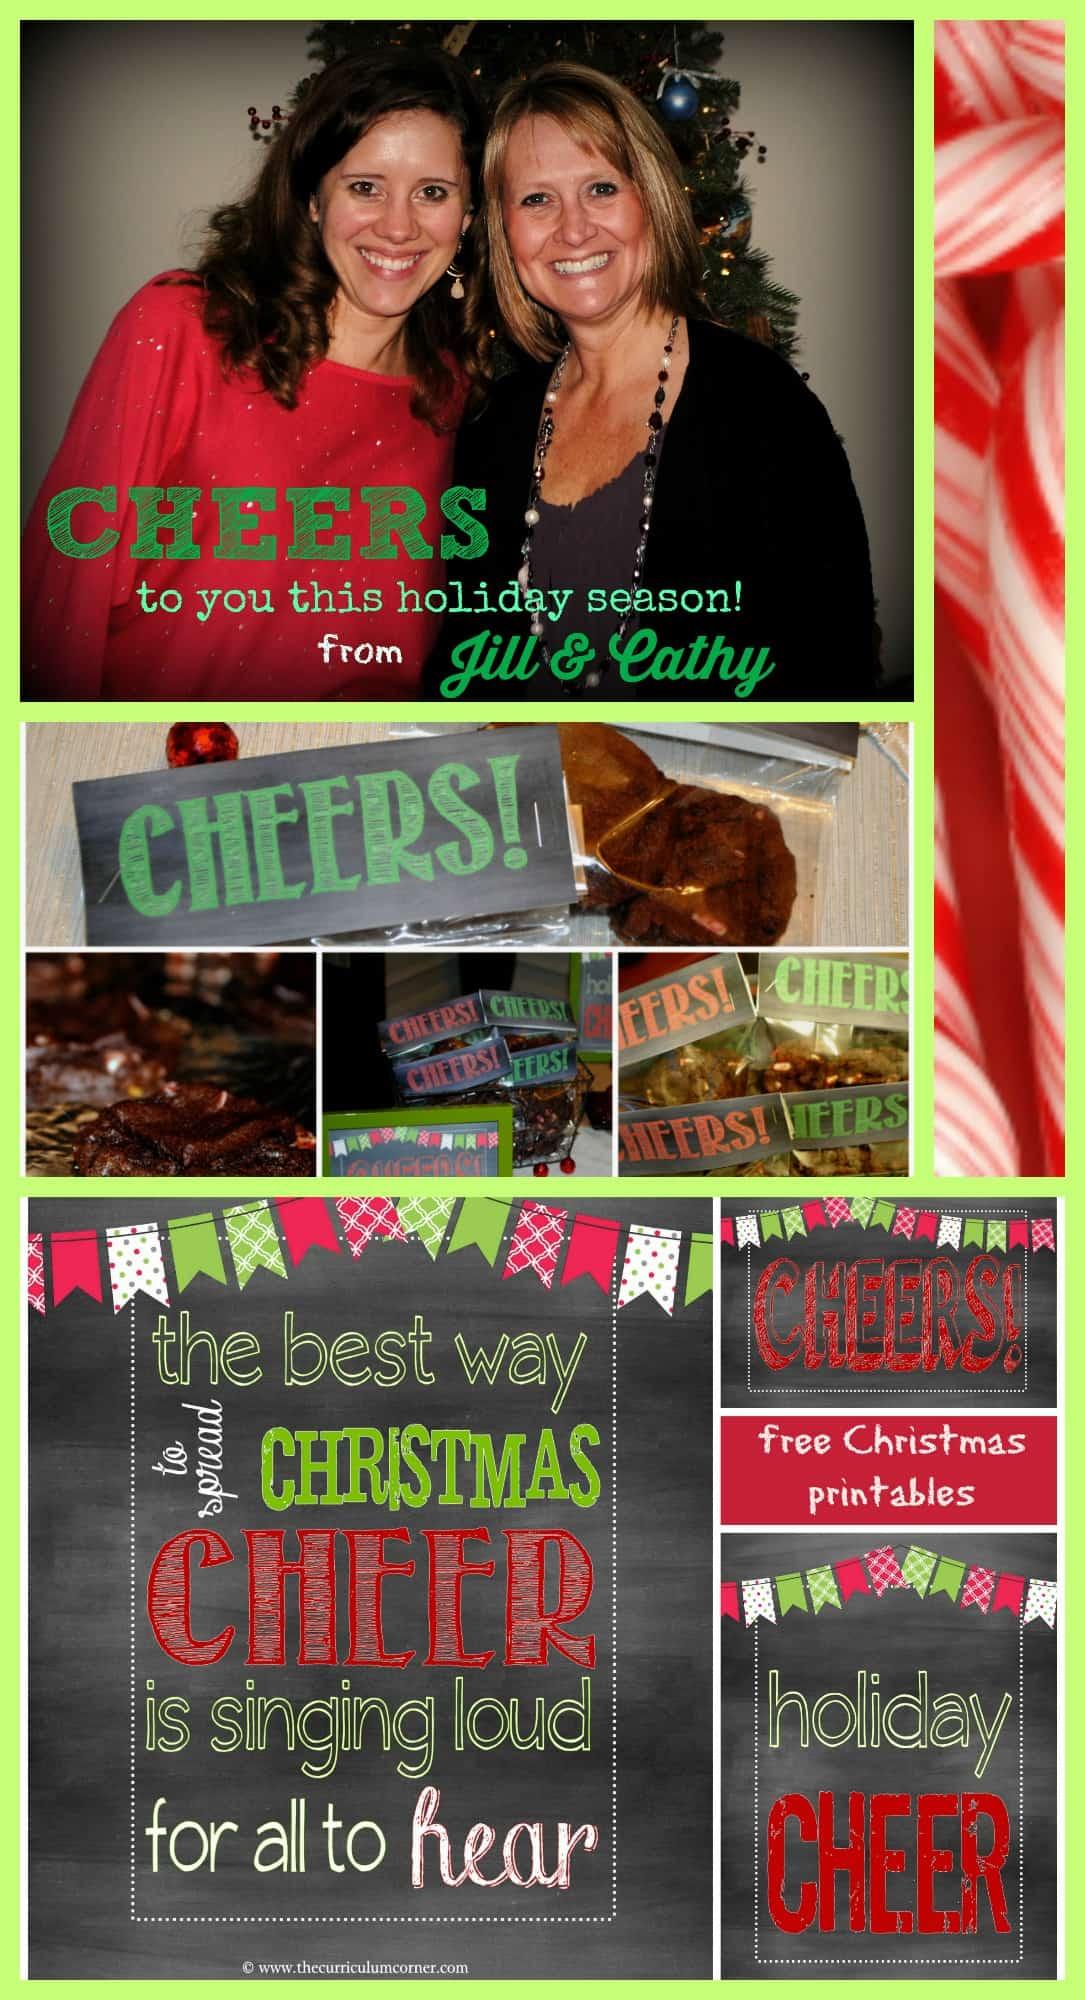 Fun Christmas Posters